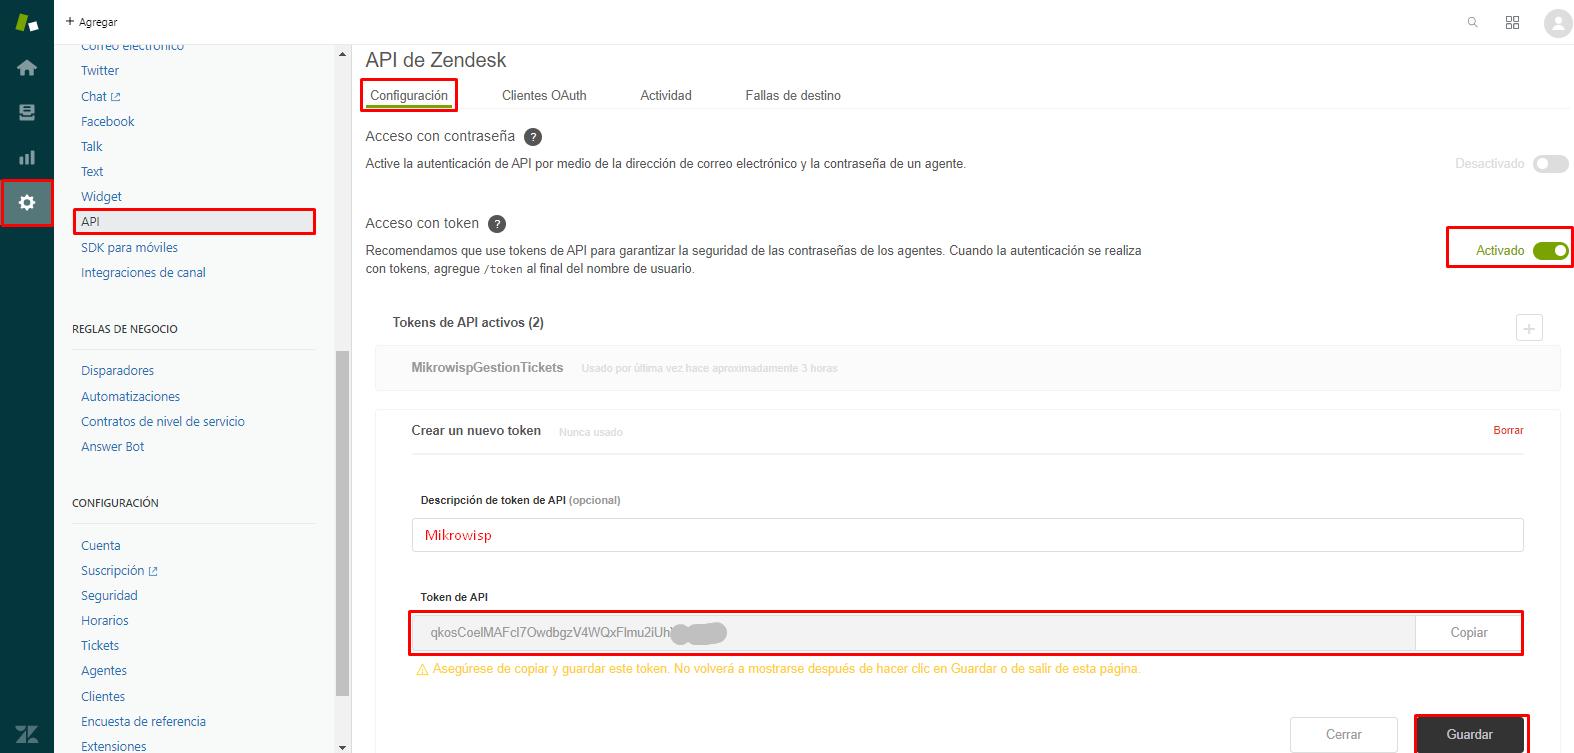 Al generar solo se le mostrara una sola vez la API